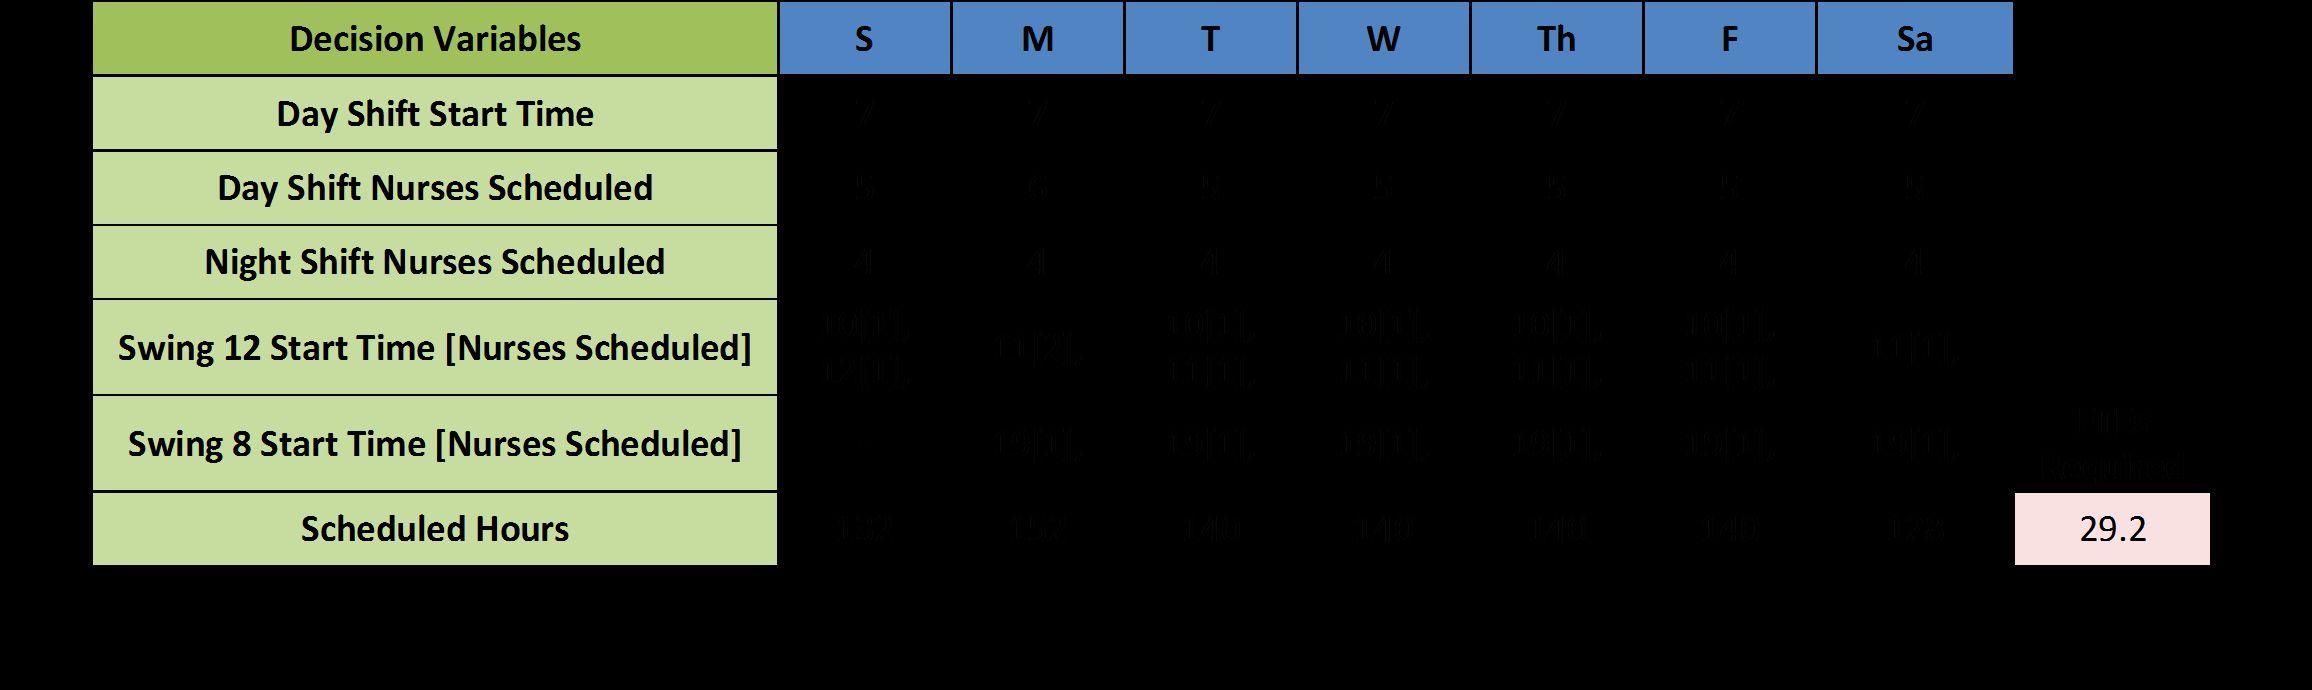 Nursing Staffing Plan Template Inspirational Nursing Staff Schedule Template Nurse Staffing How To Plan Nurse Schedule